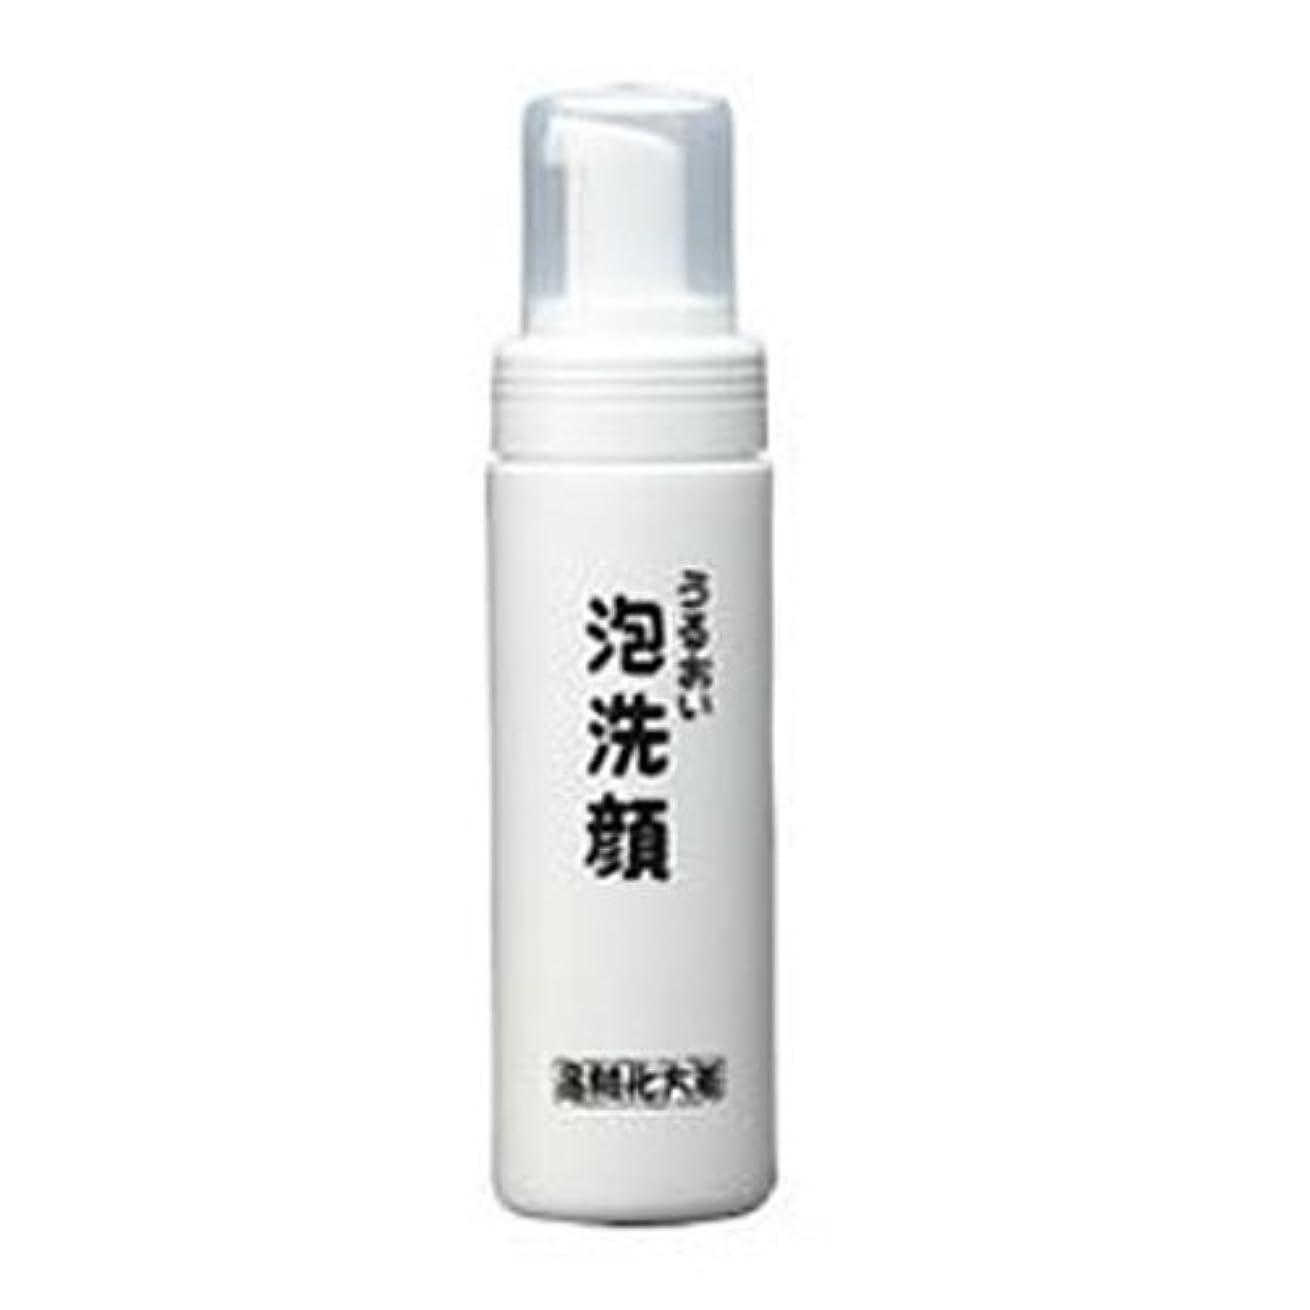 薬用姿を消すマーチャンダイザー箸方化粧品 うるおい泡洗顔 150ml はしかた化粧品